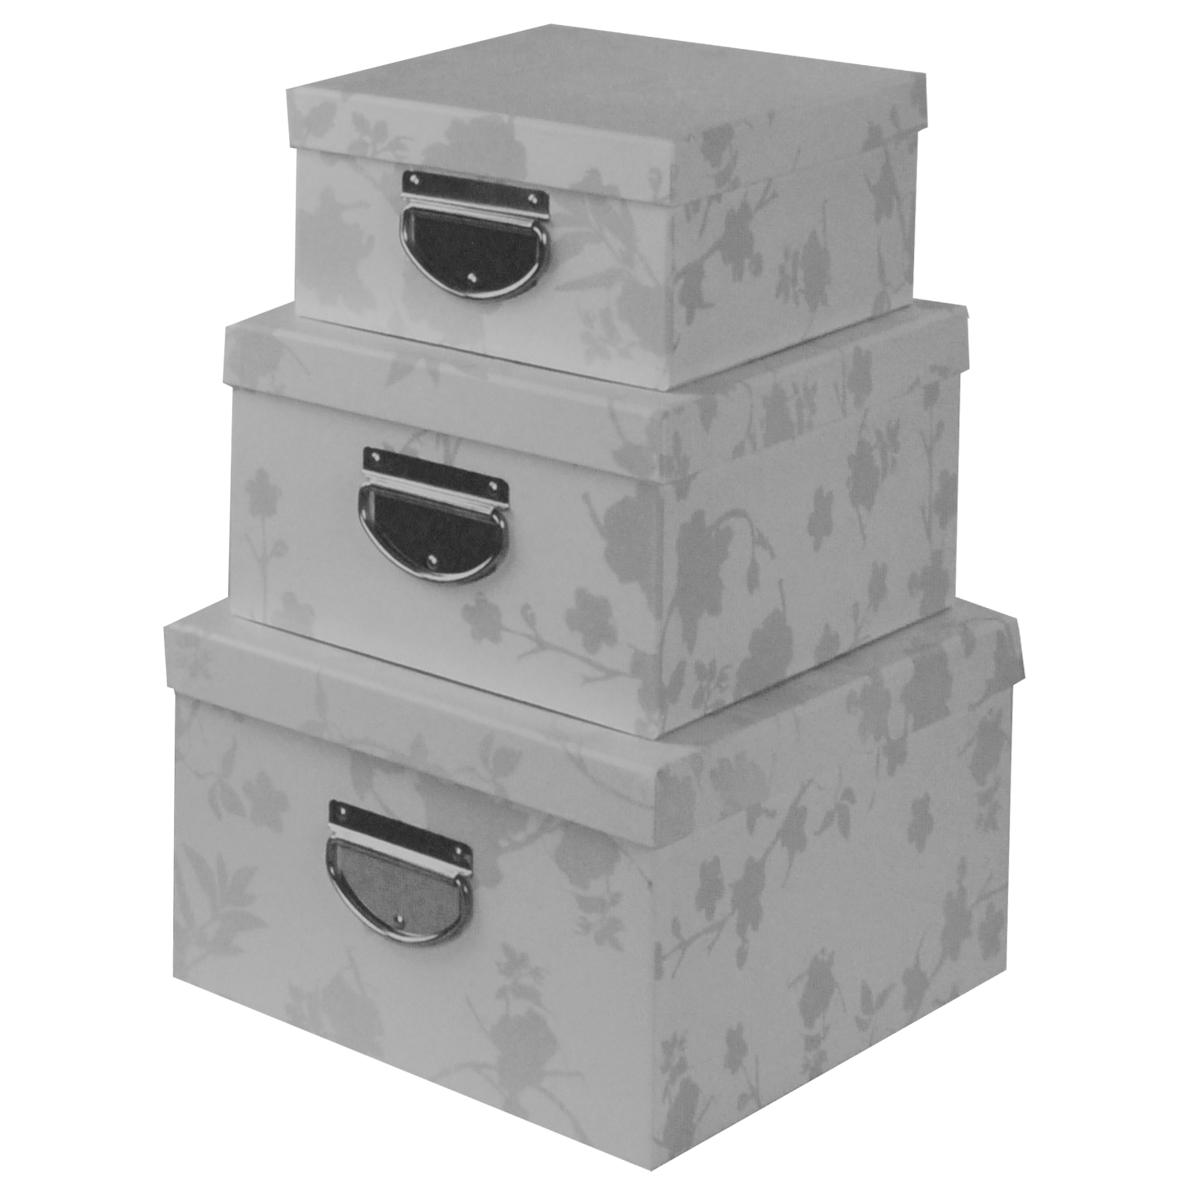 Набор коробок для хранения Зимнее настроение, цвет: белый, 3 шт12723Кофры для хранения Зимнее настроение прекрасно подойдут для гардероба, хранения личных вещей, нижнего белья, различных аксессуаров, а также бытовых предметов или принадлежностей для шитья. В комплекте 3 прямоугольных кофра разного размера, с крышками. Изделия выполнены из плотного картона, внешняя поверхность оформлена растительным орнаментом с бархатистой текстурой. Сбоку имеется металлическая ручка, которая позволяет использовать их в качестве выдвижных ящиков. Размер малого кофра:25 см х 20 см х 10 см. Размер среднего кофра: 30 см х 23 см х 13 см. Размер большого кофра: 35 см х 26 см х 16 см.